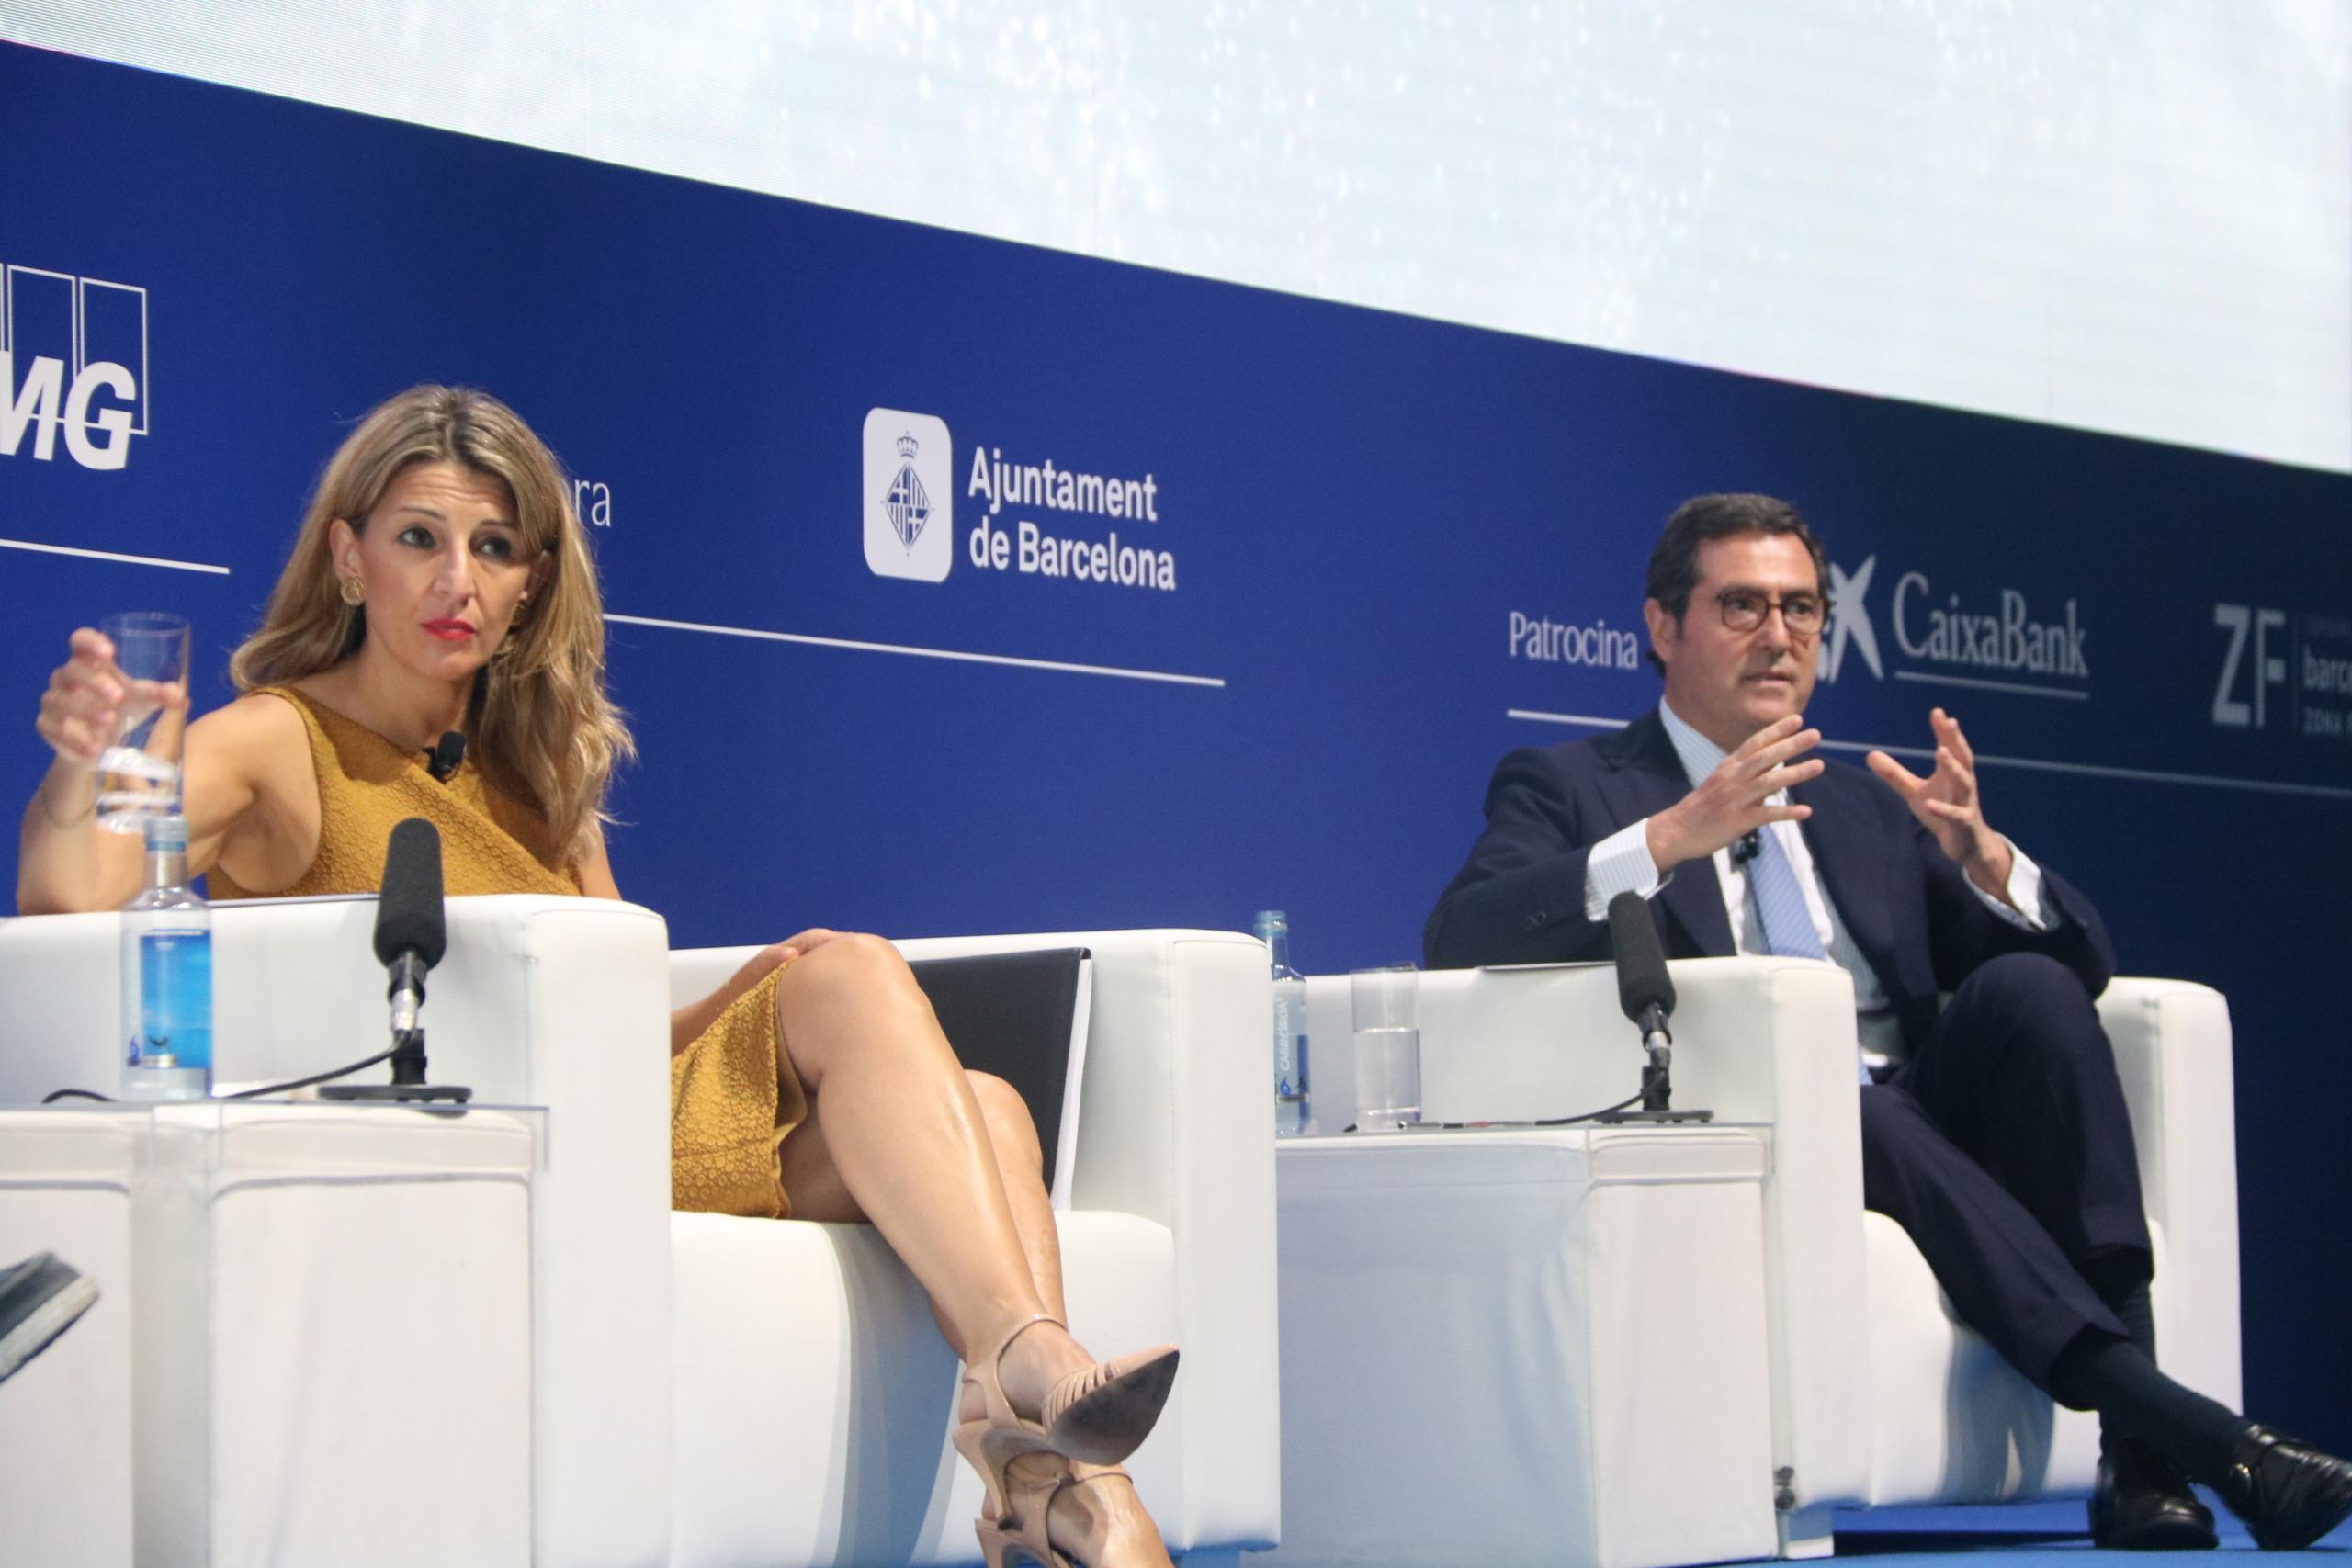 La ministra de Treball i Economia Social, Yolanda Díaz, i del president de la CEOE, Antonio Garamendi | ACN